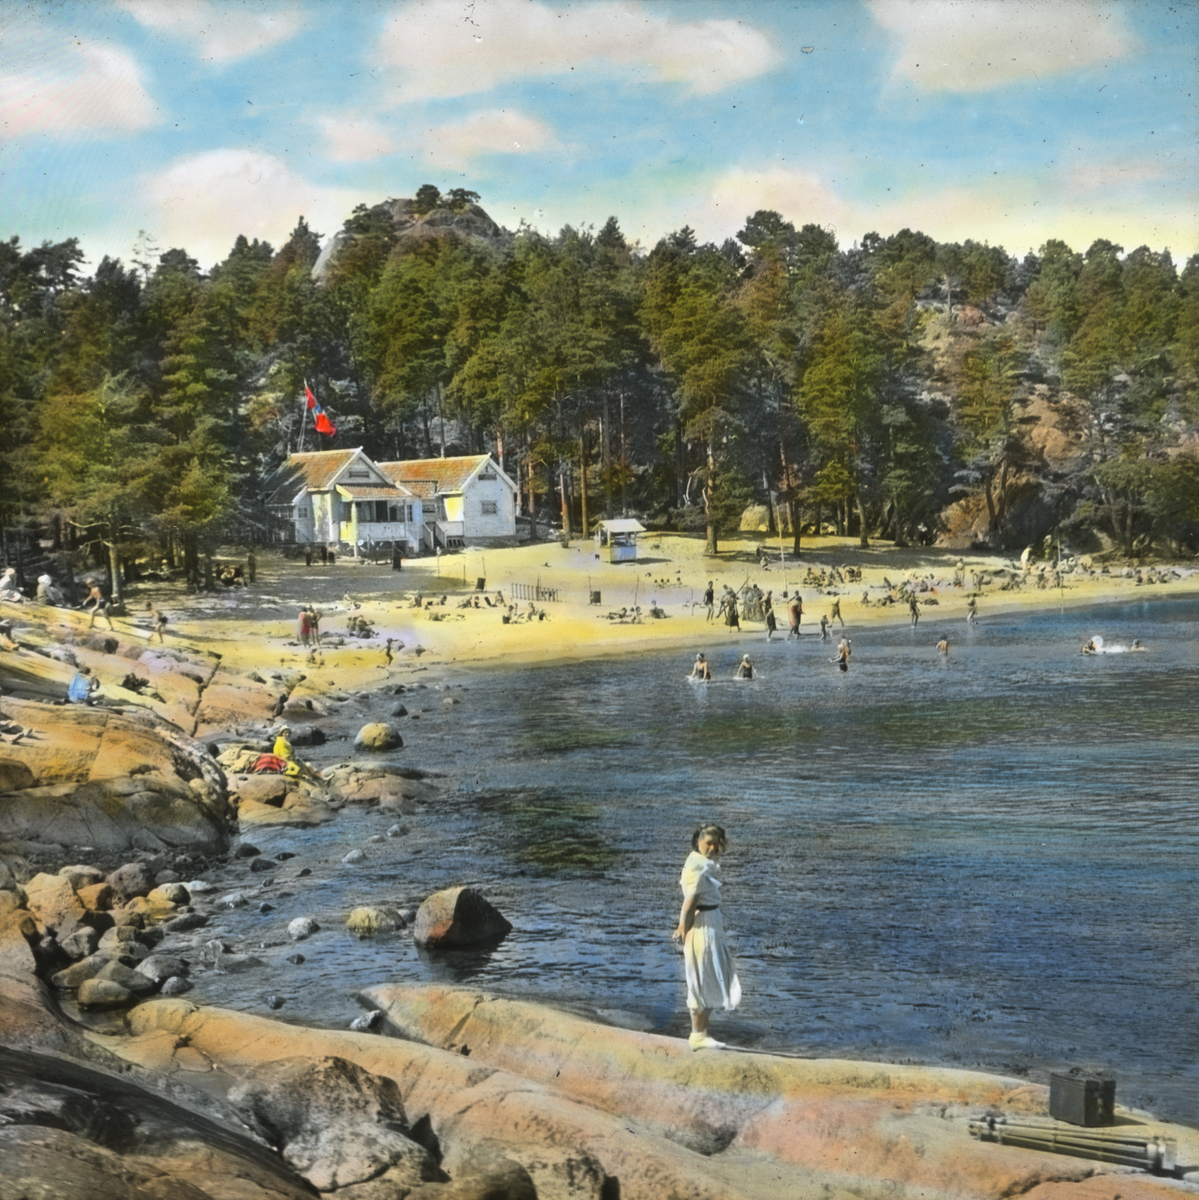 Håndkolorert dias. På bildet ser vi badende mennesker på Storesand strand i Grimstad. I bakgrunnen ser man skog og to hvite hus. En ung kvinne står på svaberget i forgrunnen.